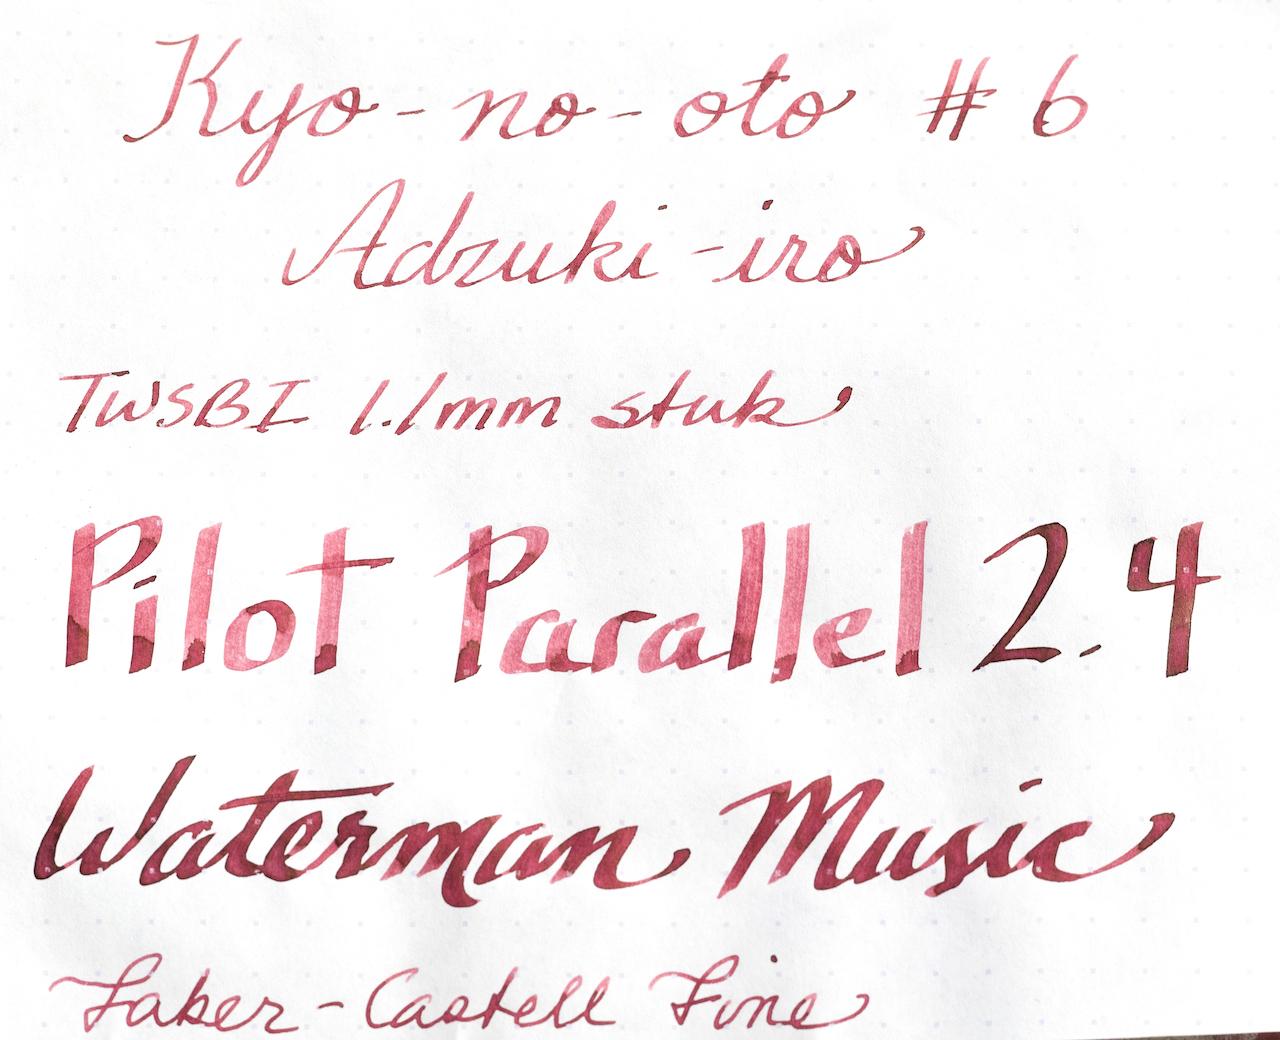 Kyo-no-oto No. 6 Adzuki-iro Ink Various Nibs